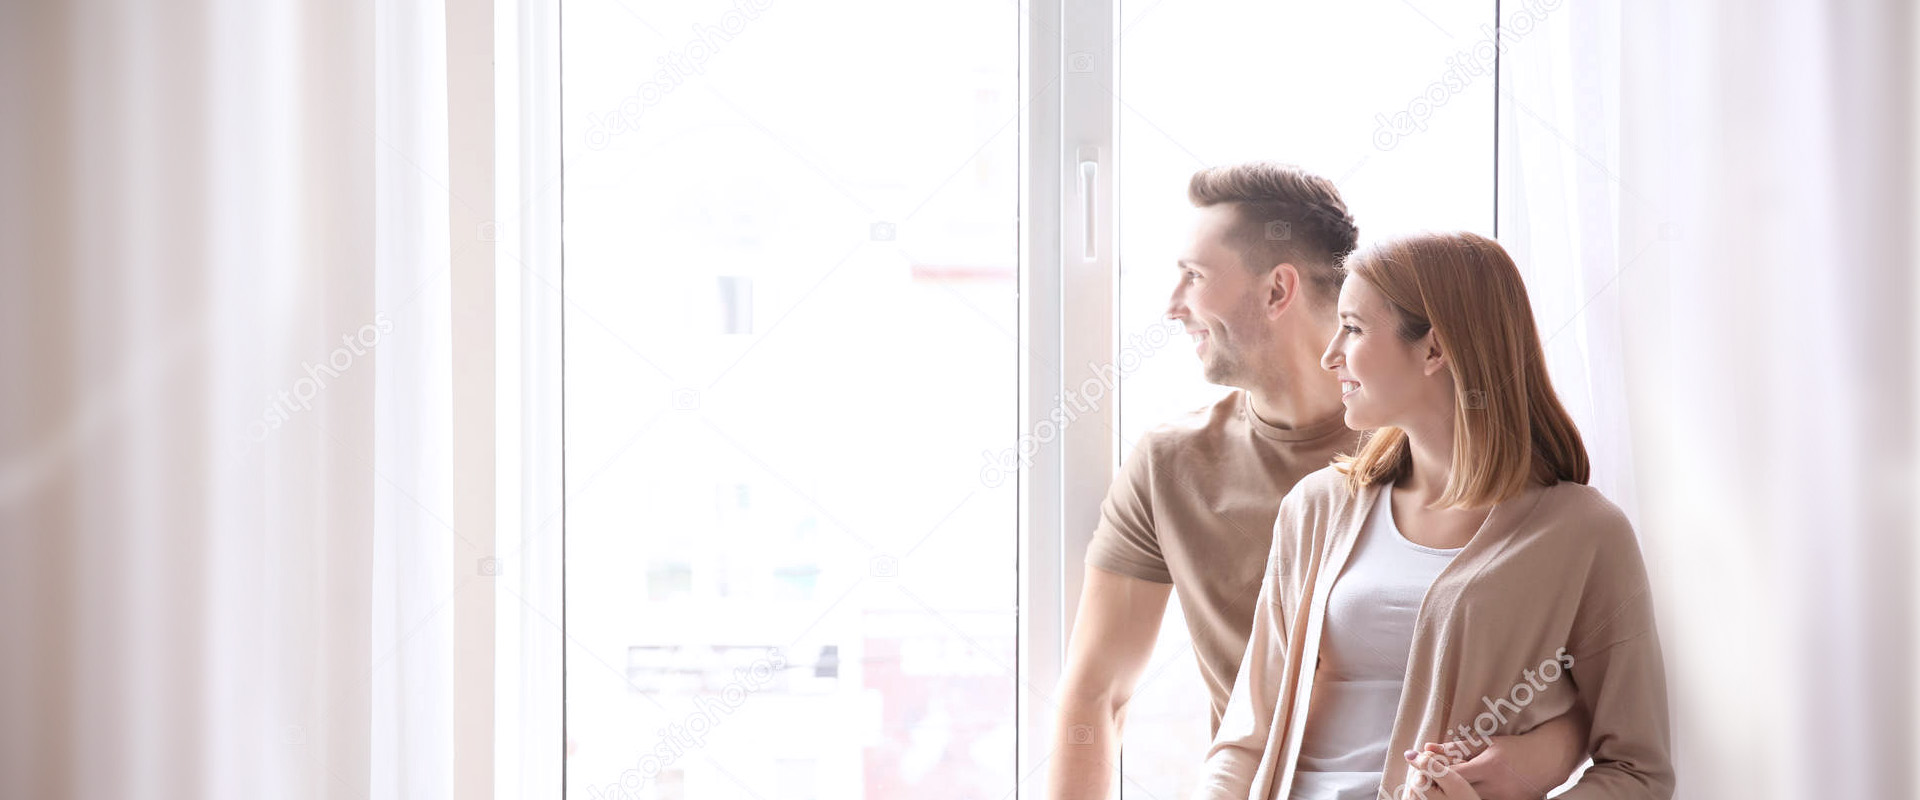 Картинка фоновая окно в квартиру